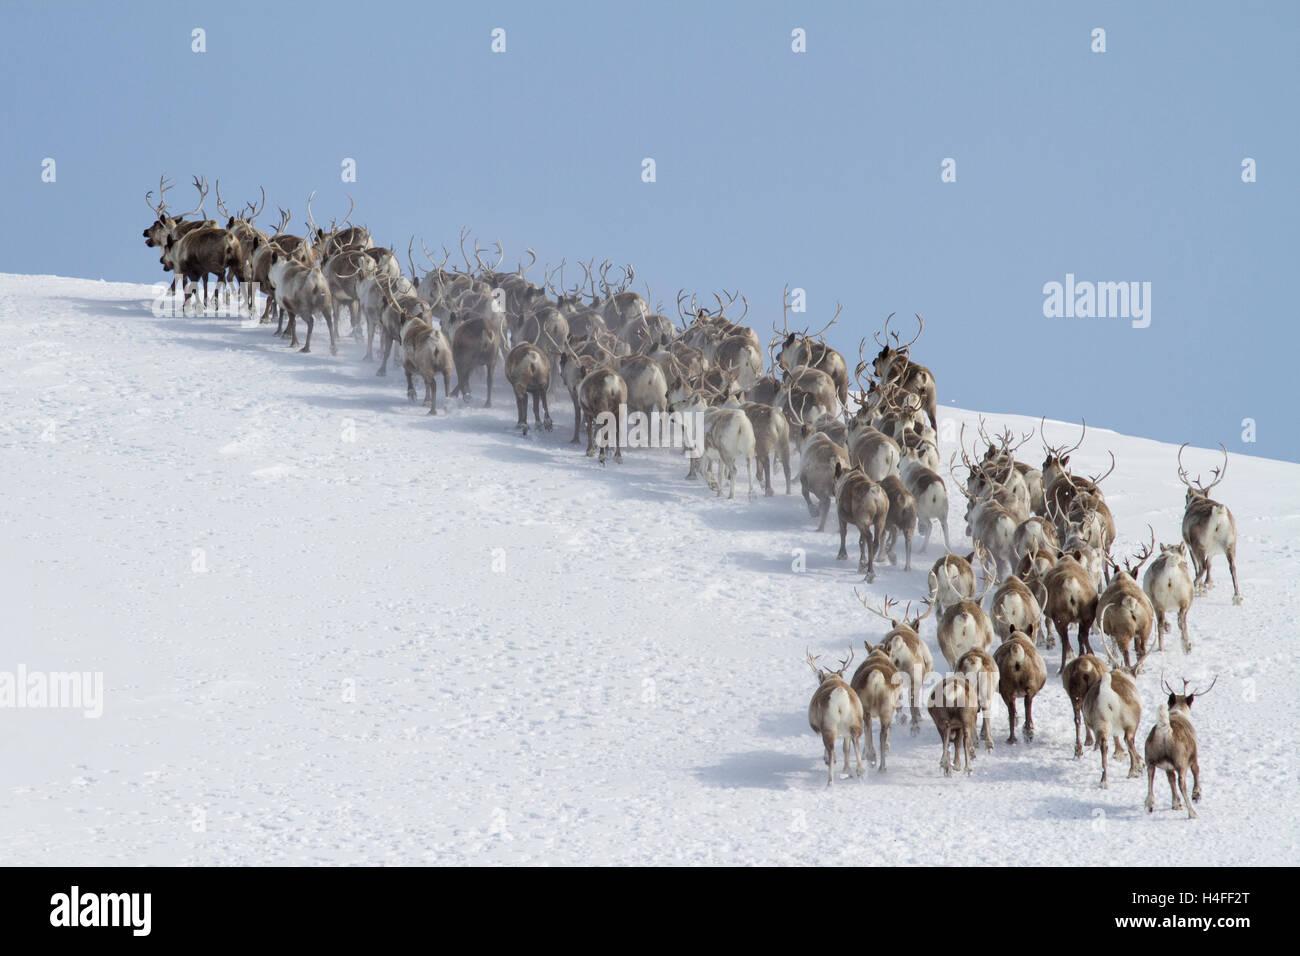 Troupeau de rennes tournant autour de la montagne journée ensoleillée d'hiver Photo Stock